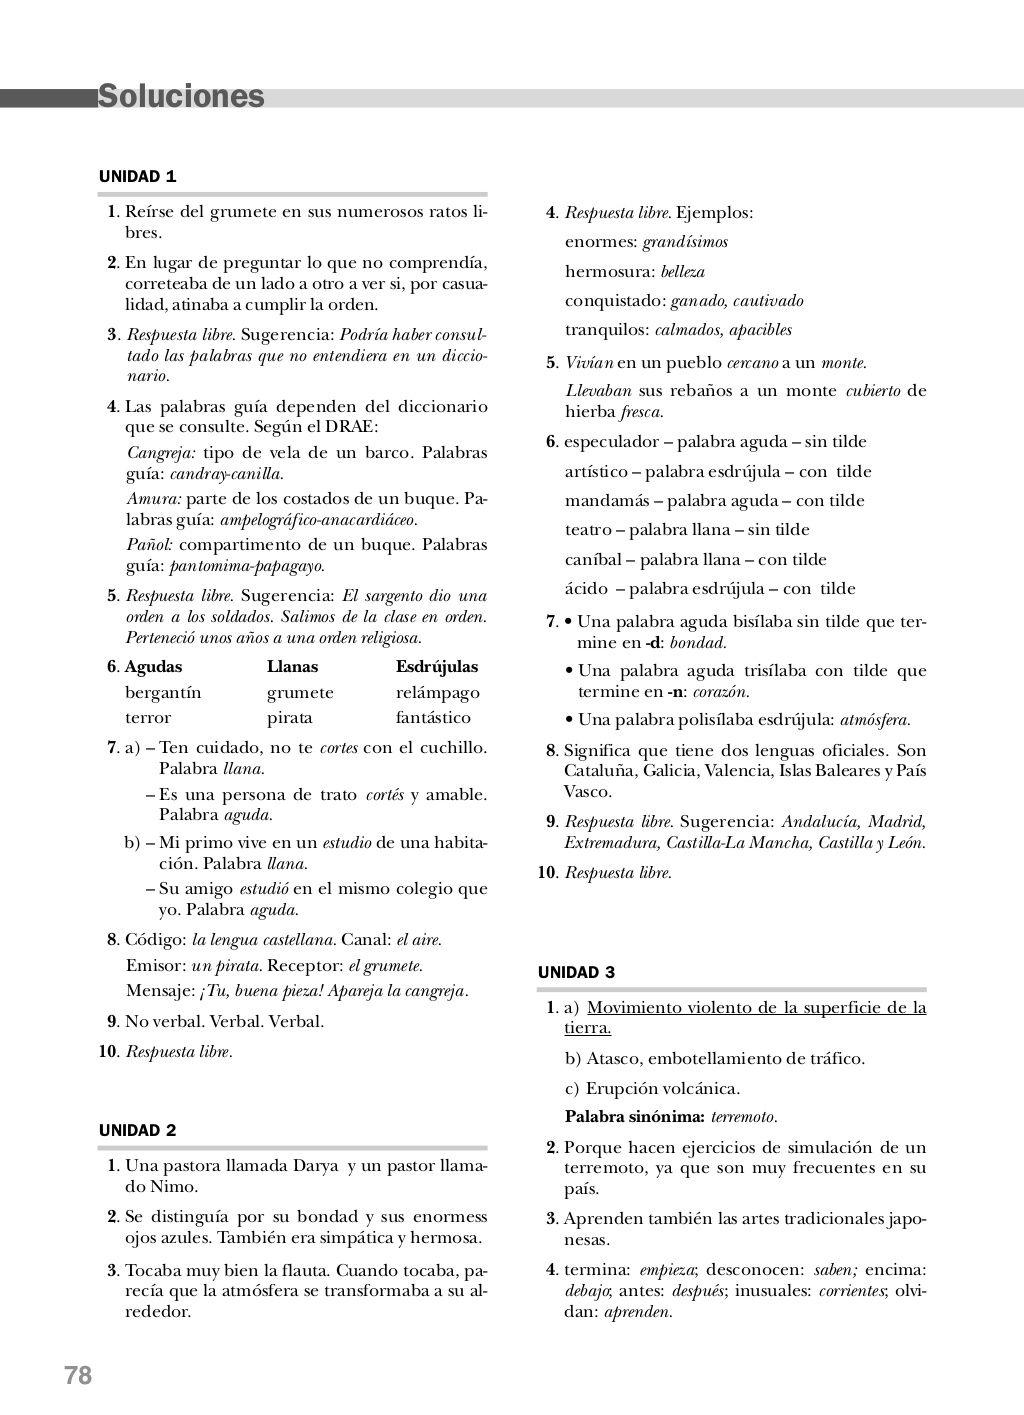 Lengua Quinto De Primaria Anaya Evaluaciones Lengua Palabras Llanas Evaluacion